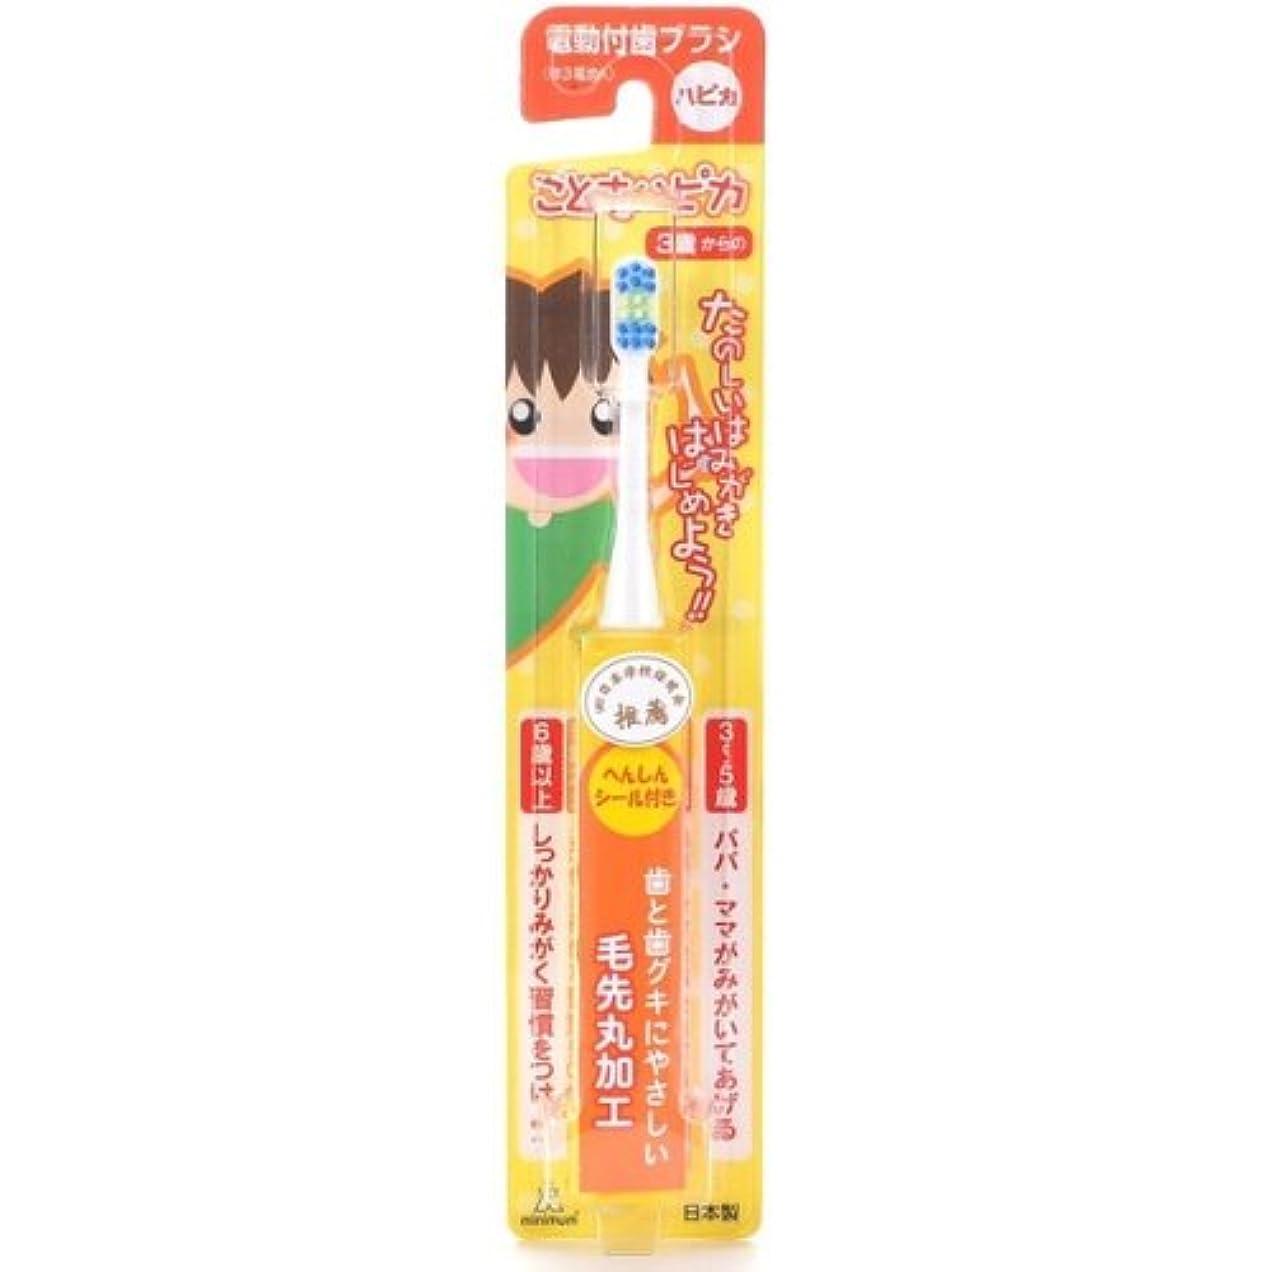 物理的なエレガントでもミニマム 電動付歯ブラシ こどもハピカ イエロー 毛の硬さ:やわらかめ DBK-1Y(BP)